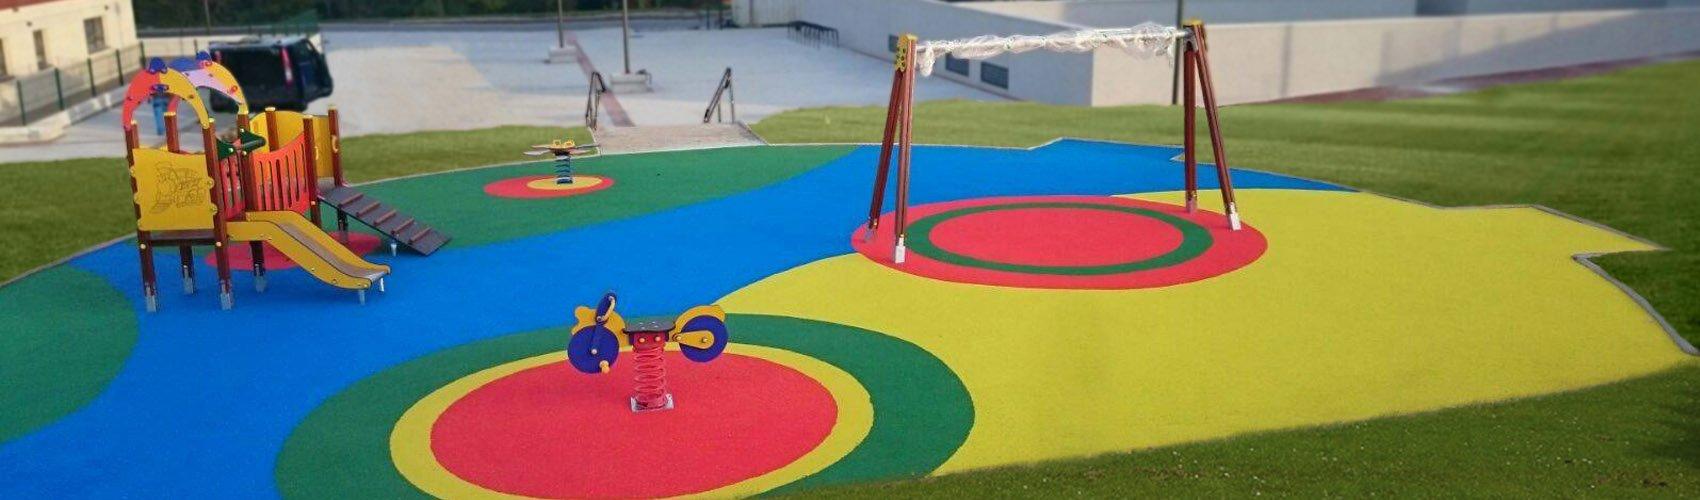 montaje de parques infantiles exteriores